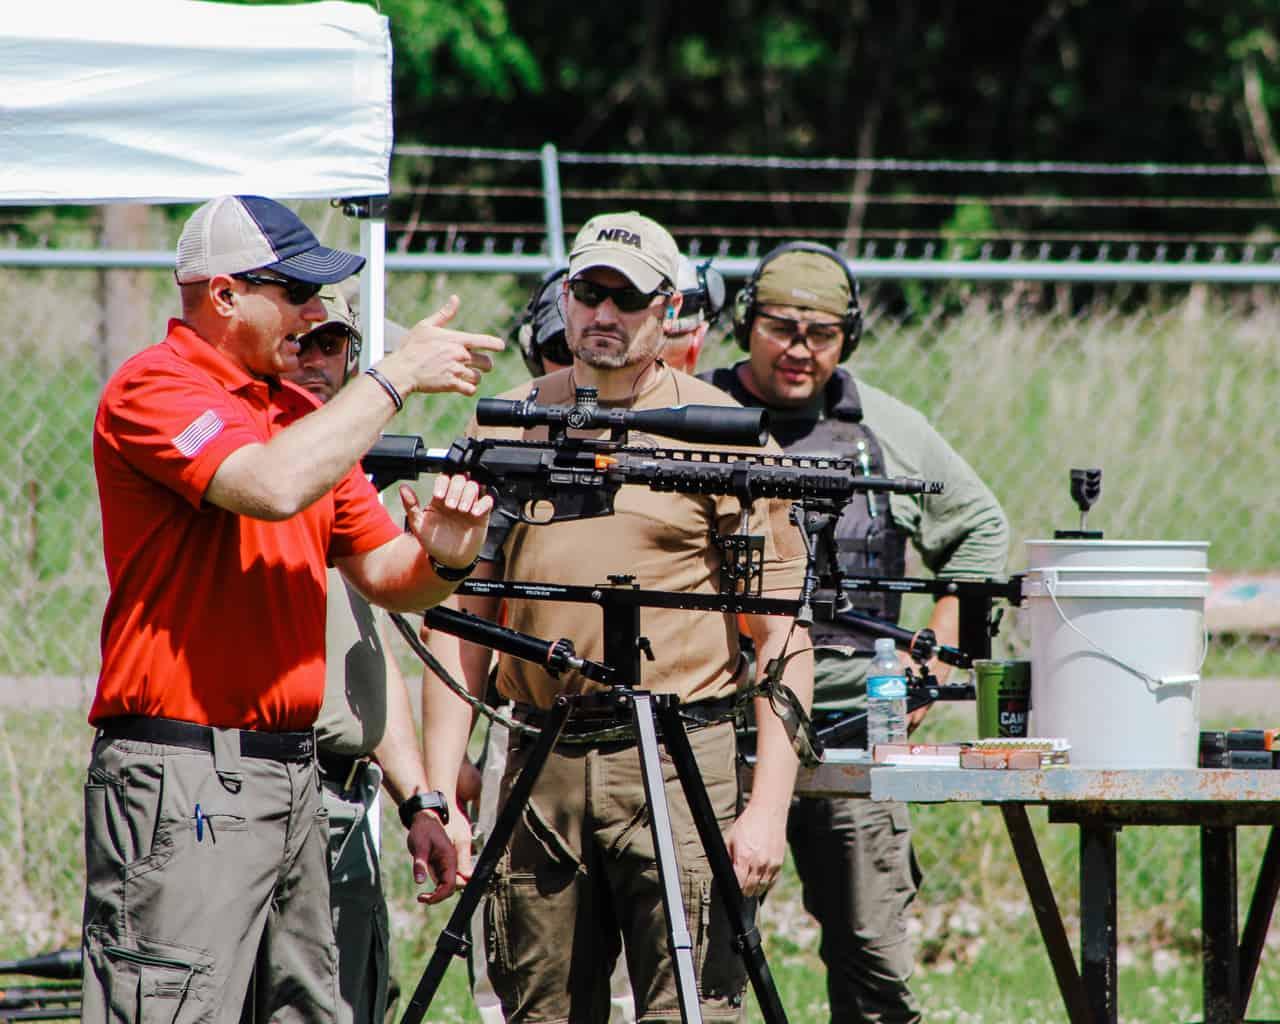 police-sniper-tripod-utilization-course-9